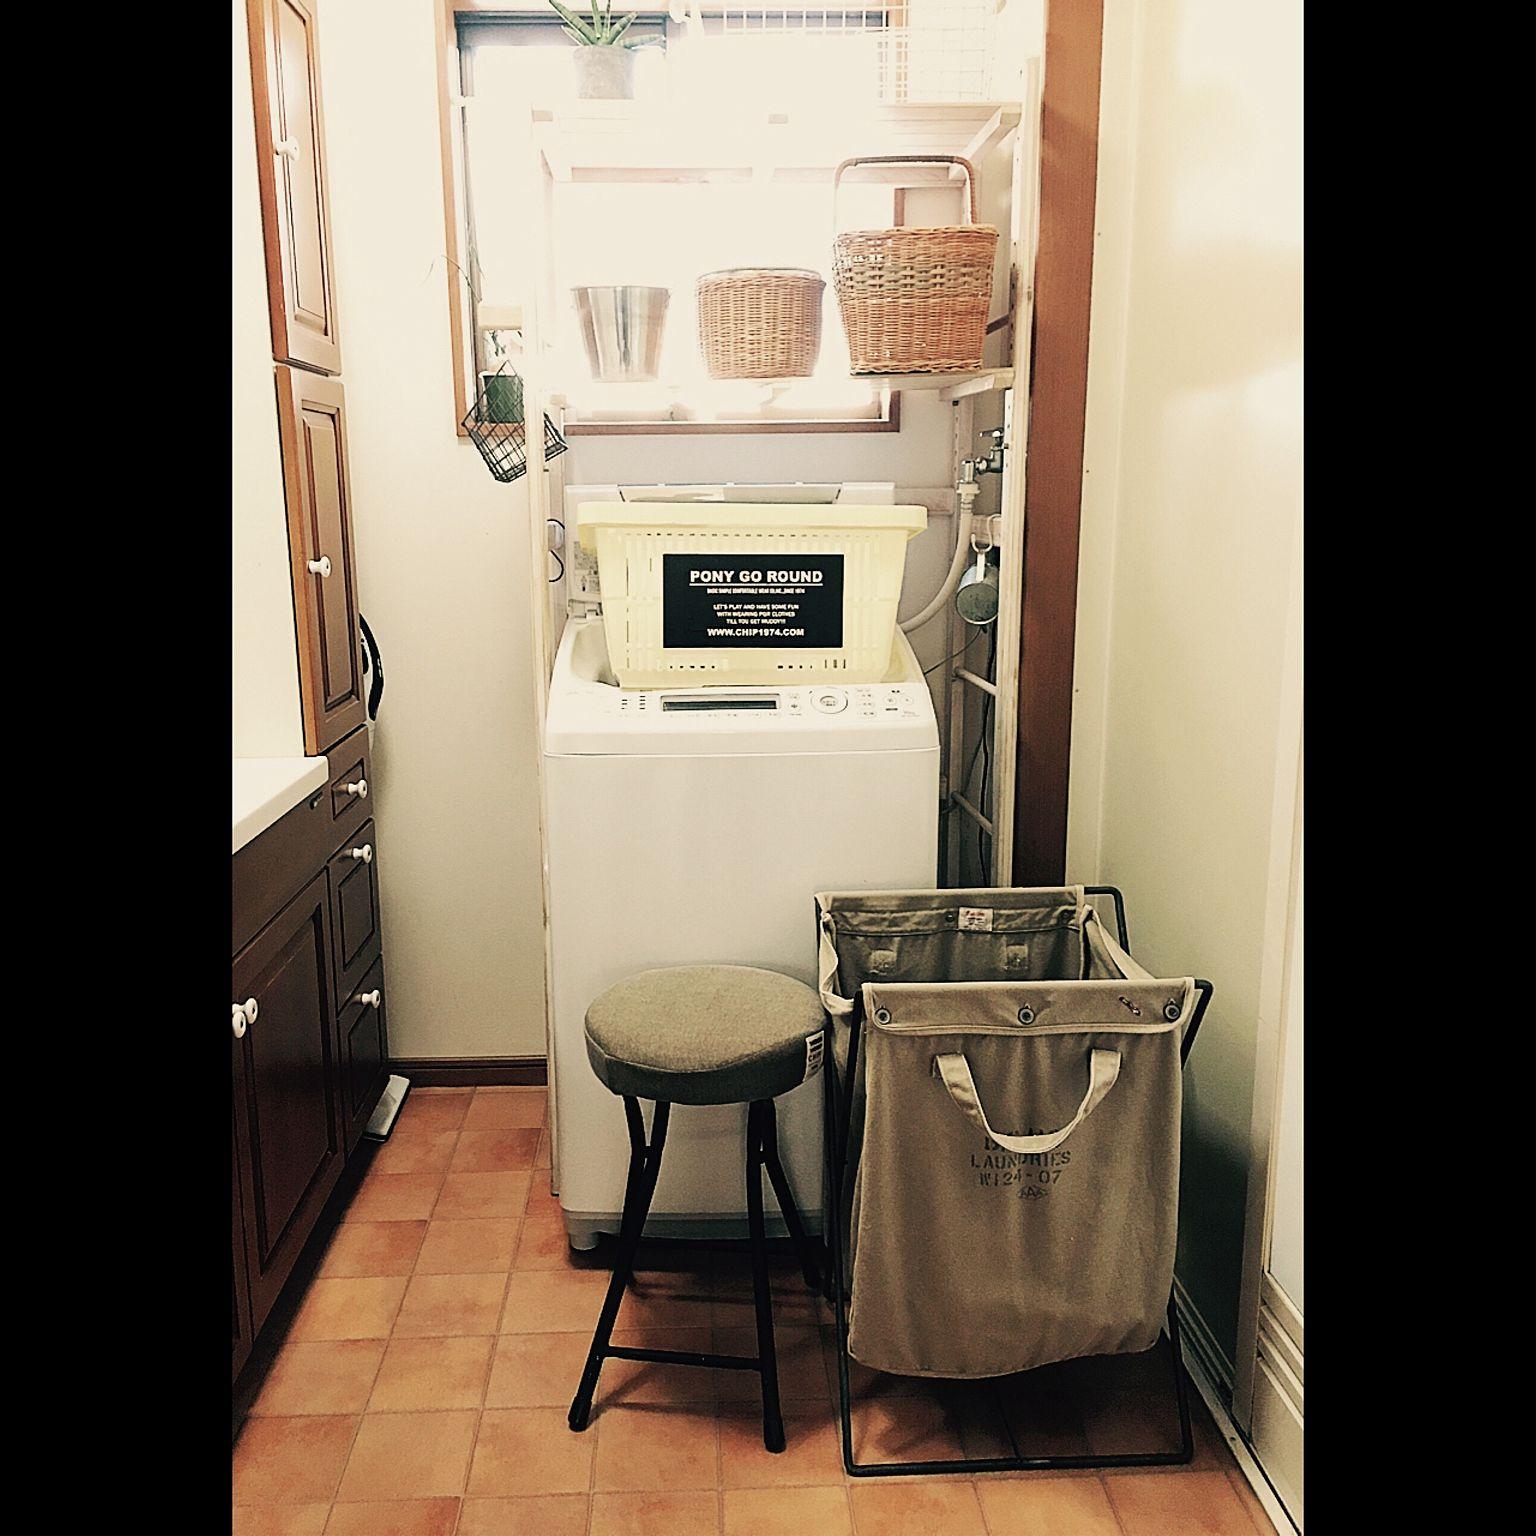 洗濯機ラックを使用した収納例2